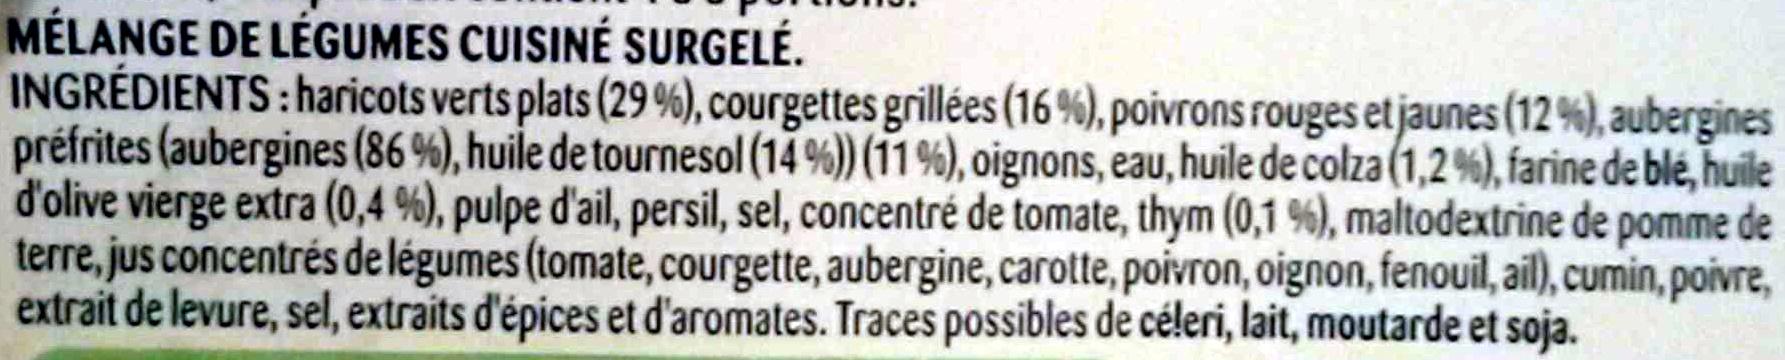 Poêlée du sud : La catalane aux haricots plats, courgettes grillées, thym - Ingrédients - fr